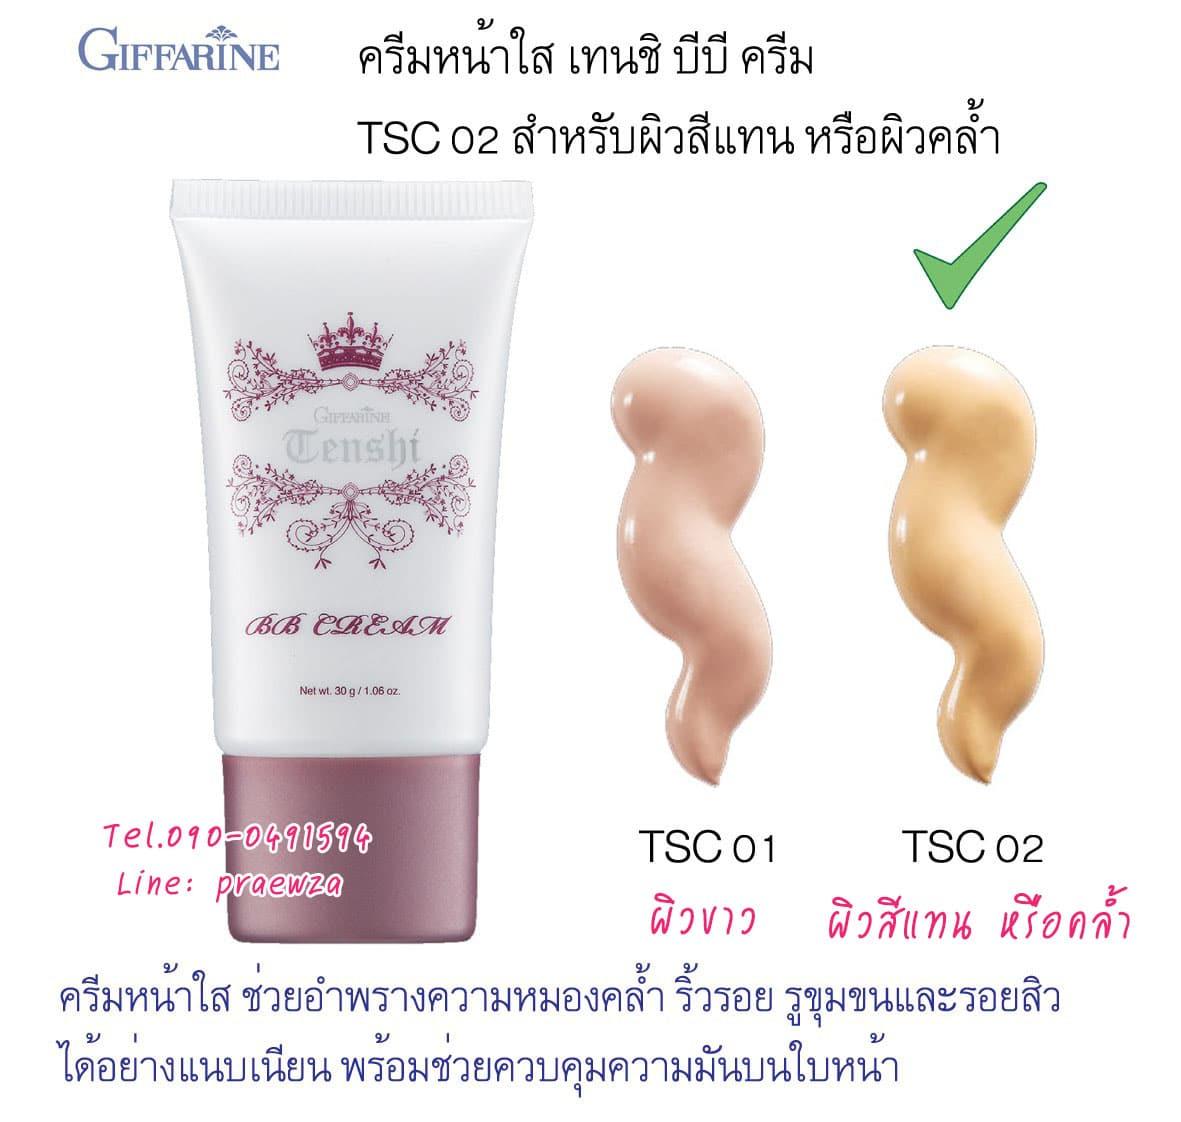 เทนชิ บีบี ครีม กิฟฟารีน, บีบีครีม กิฟฟารีน, Tenshi BB Cream